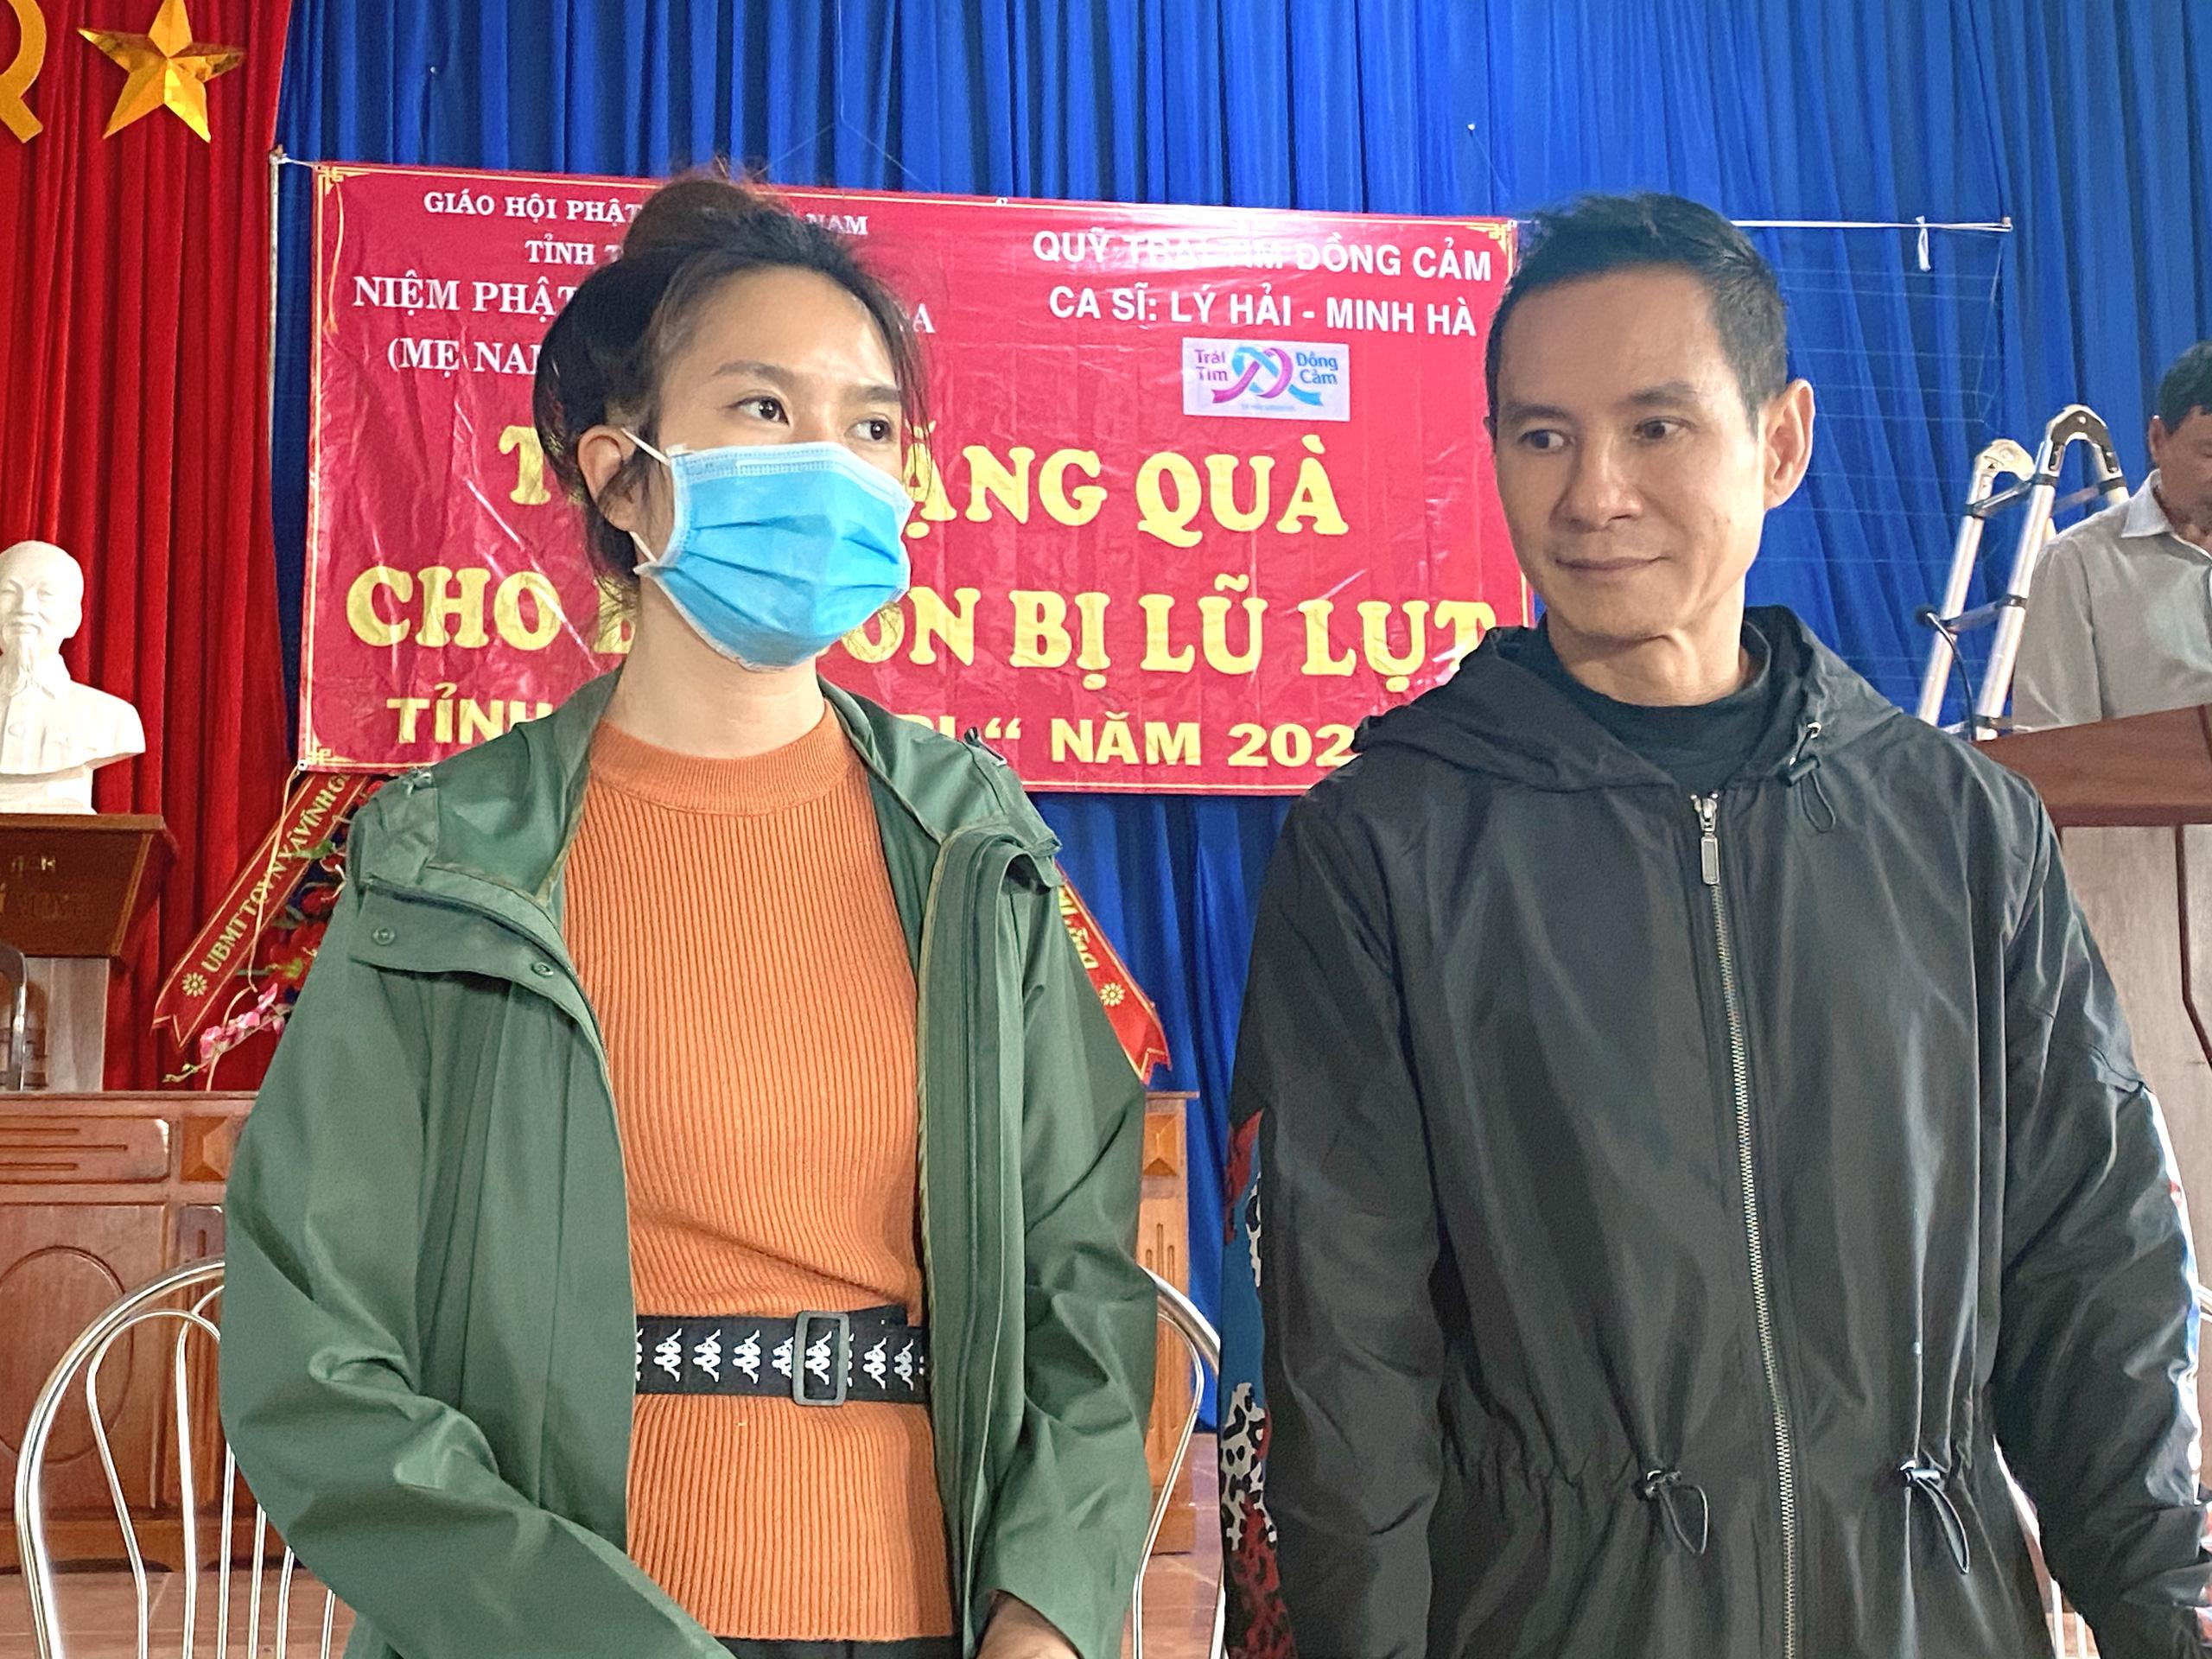 Vợ chồng Lý Hải - Minh Hà tất bật dọn rửa bùn non sau lũ ở miền Trung - Ảnh 7.